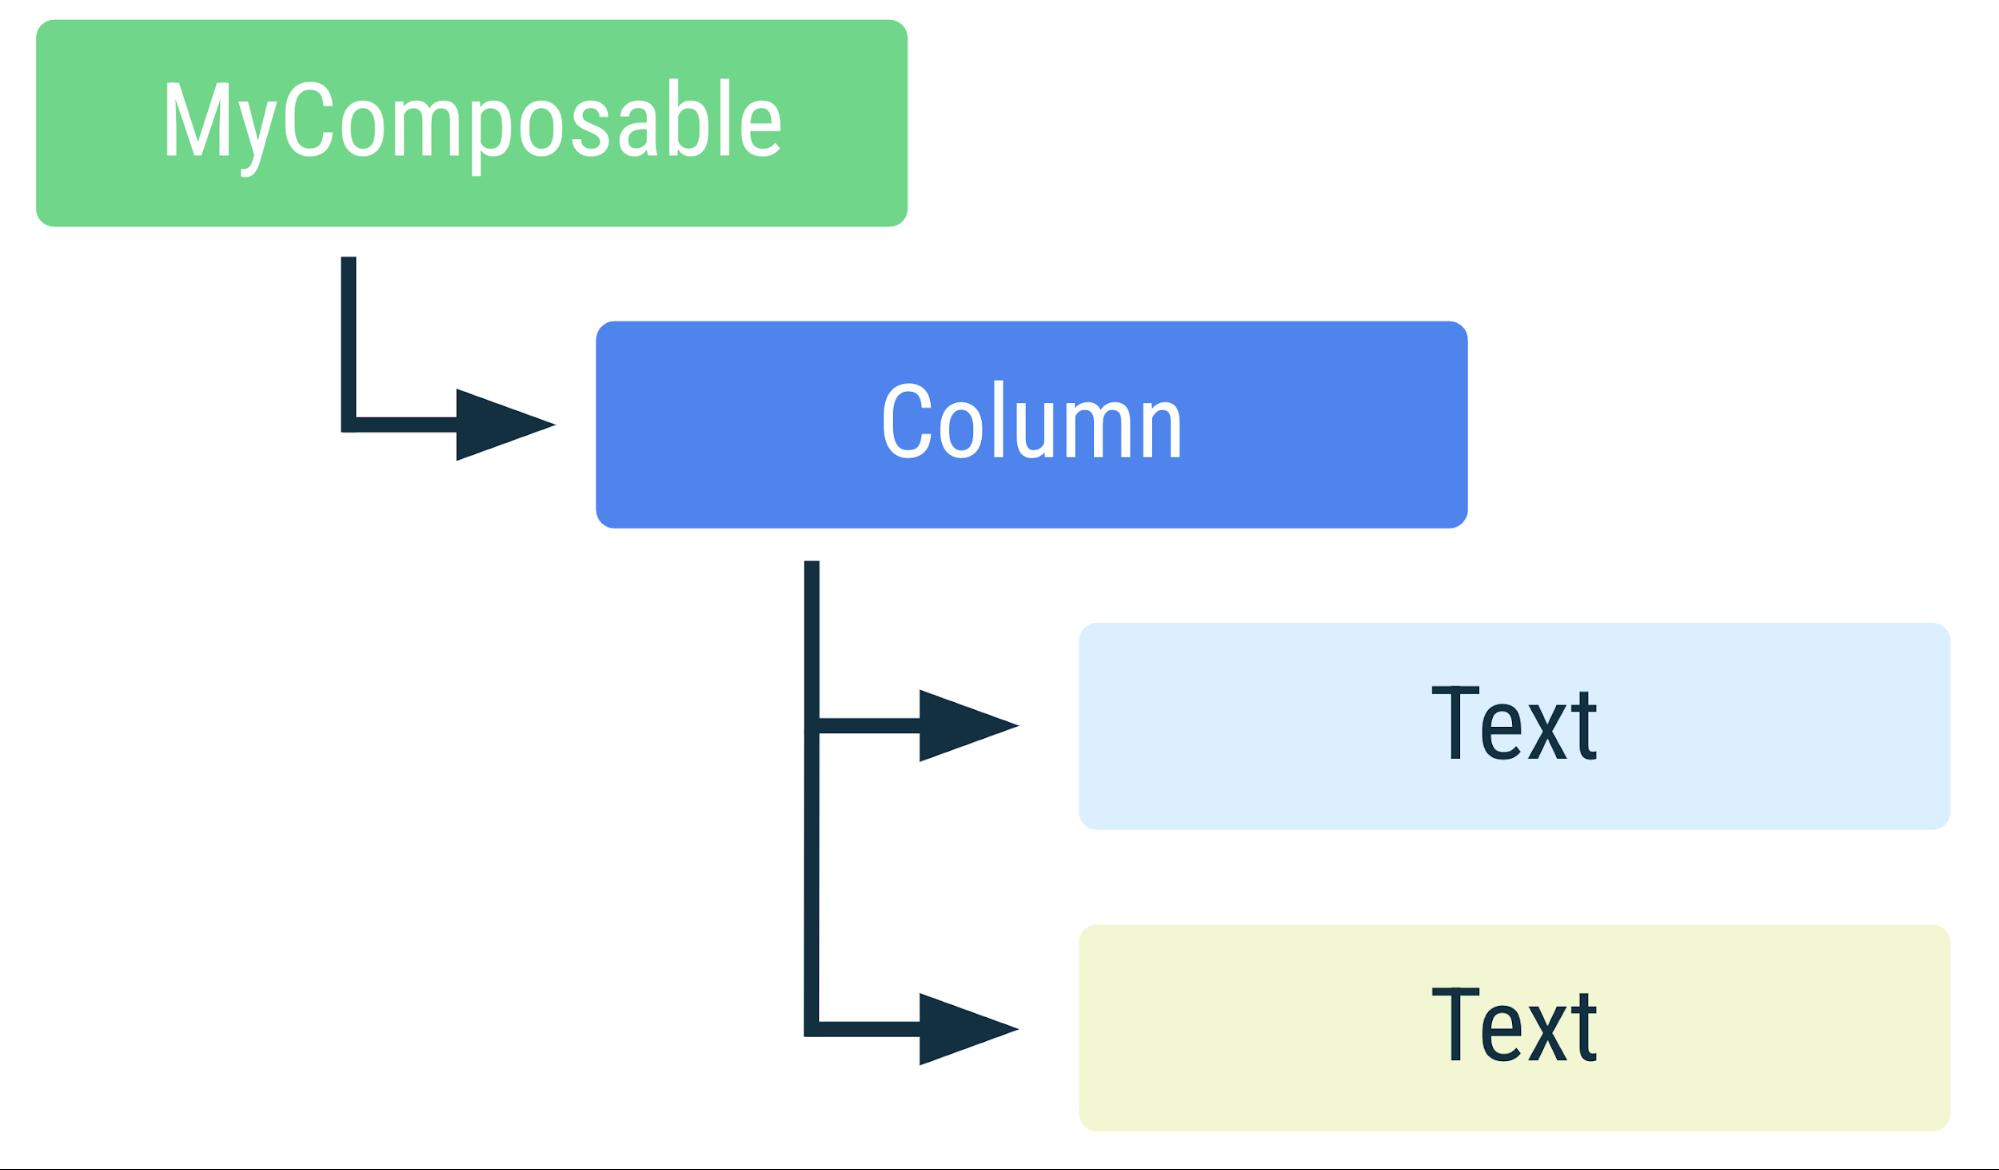 Diagrama mostrando a organização hierárquica dos elementos no snippet de código anterior